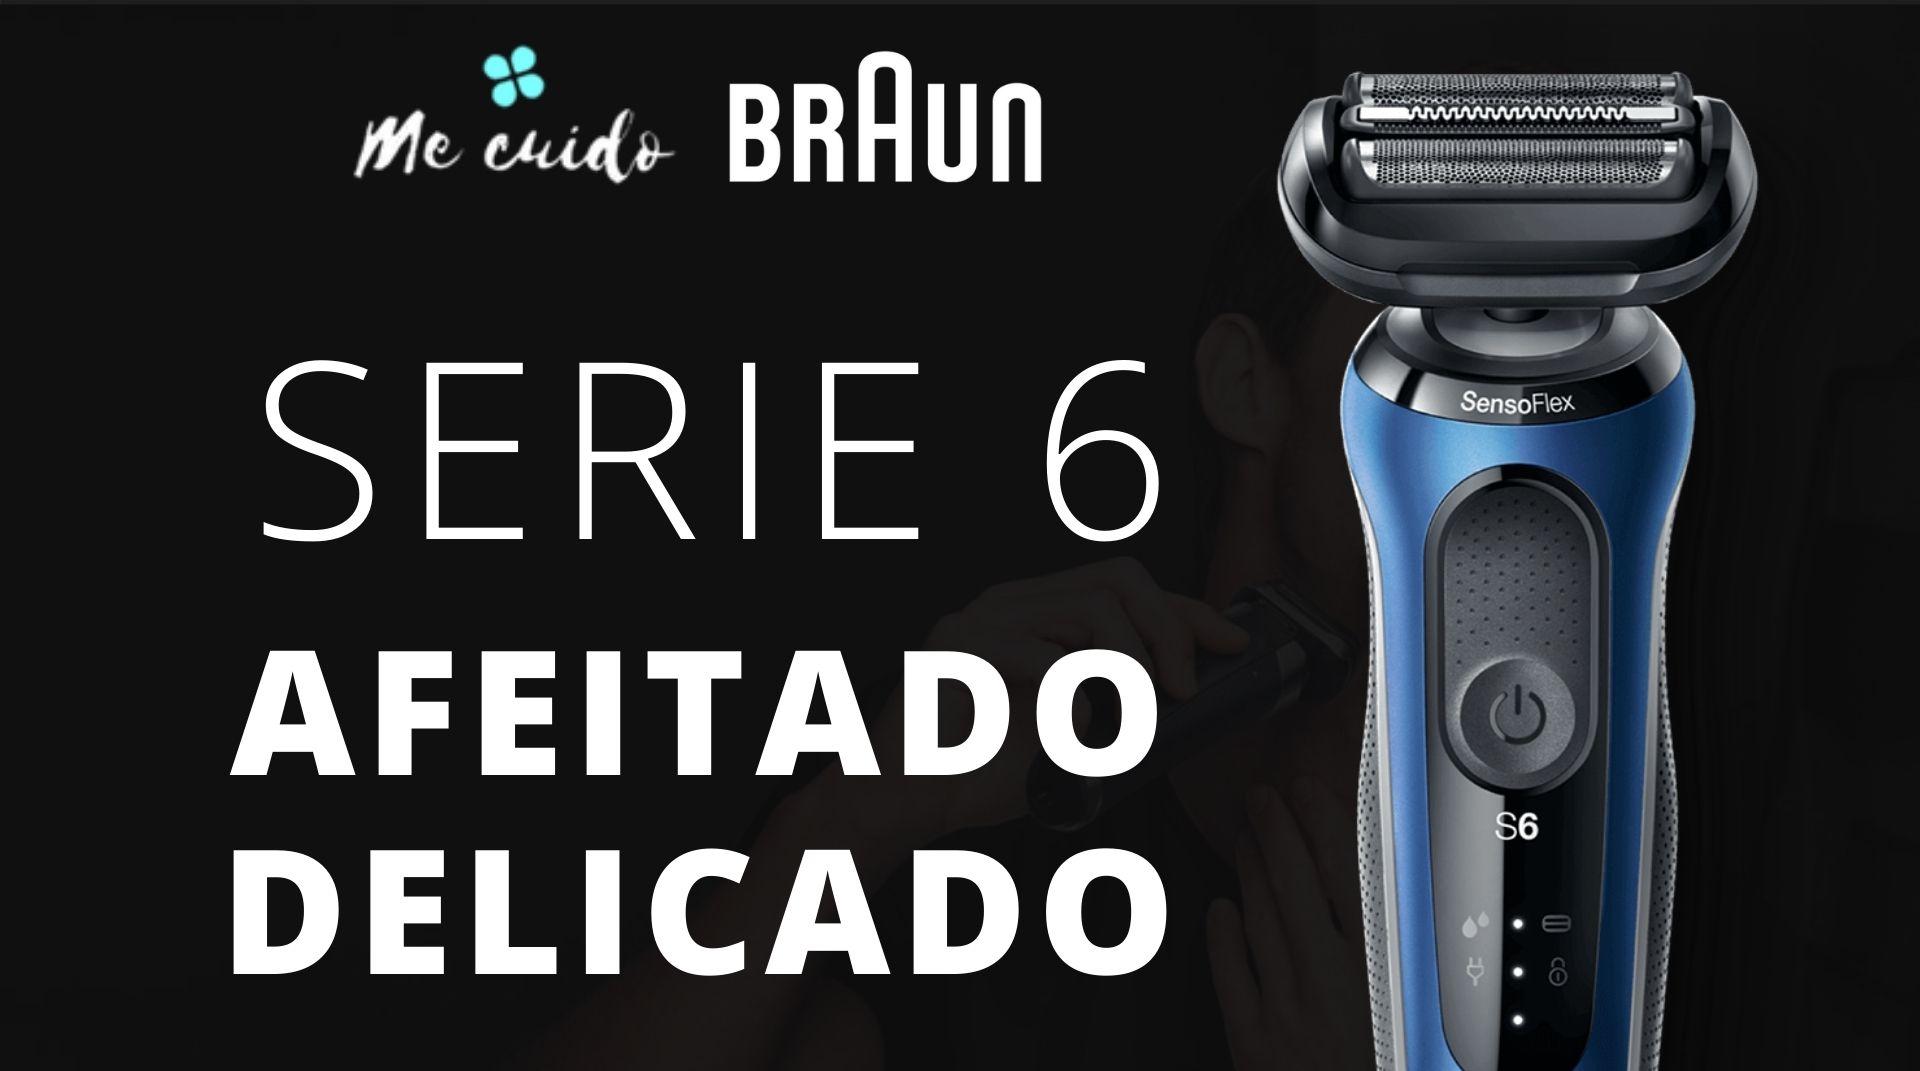 Mejores afeitadoras Braun 6